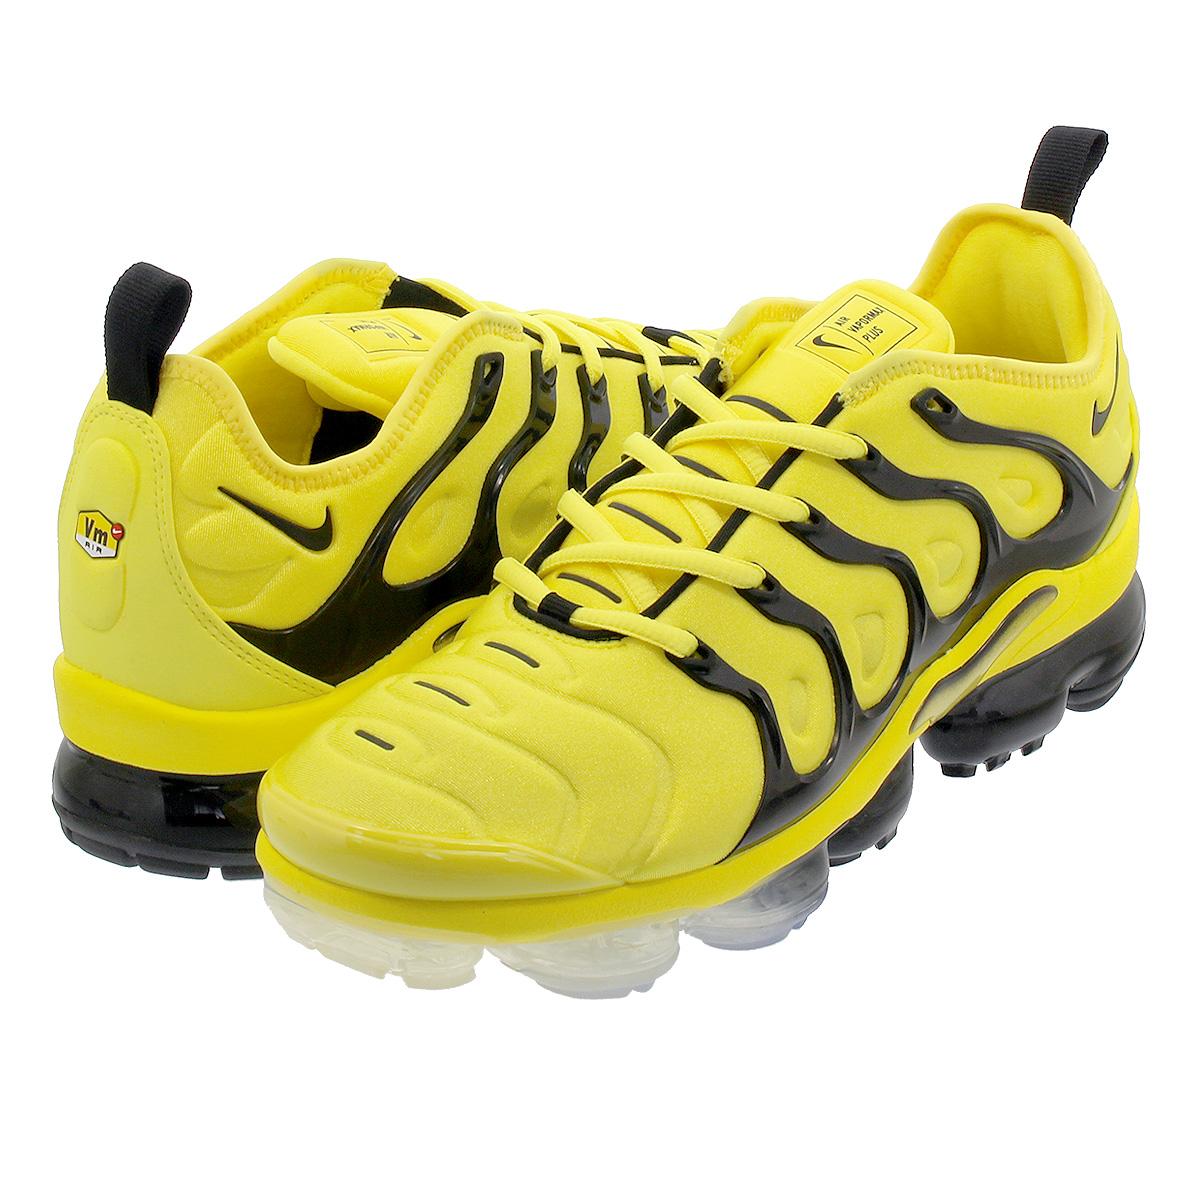 65bf08639f NIKE AIR VAPORMAX PLUS Nike vapor max plus YELLOW/BLACK bv6079-700 ...